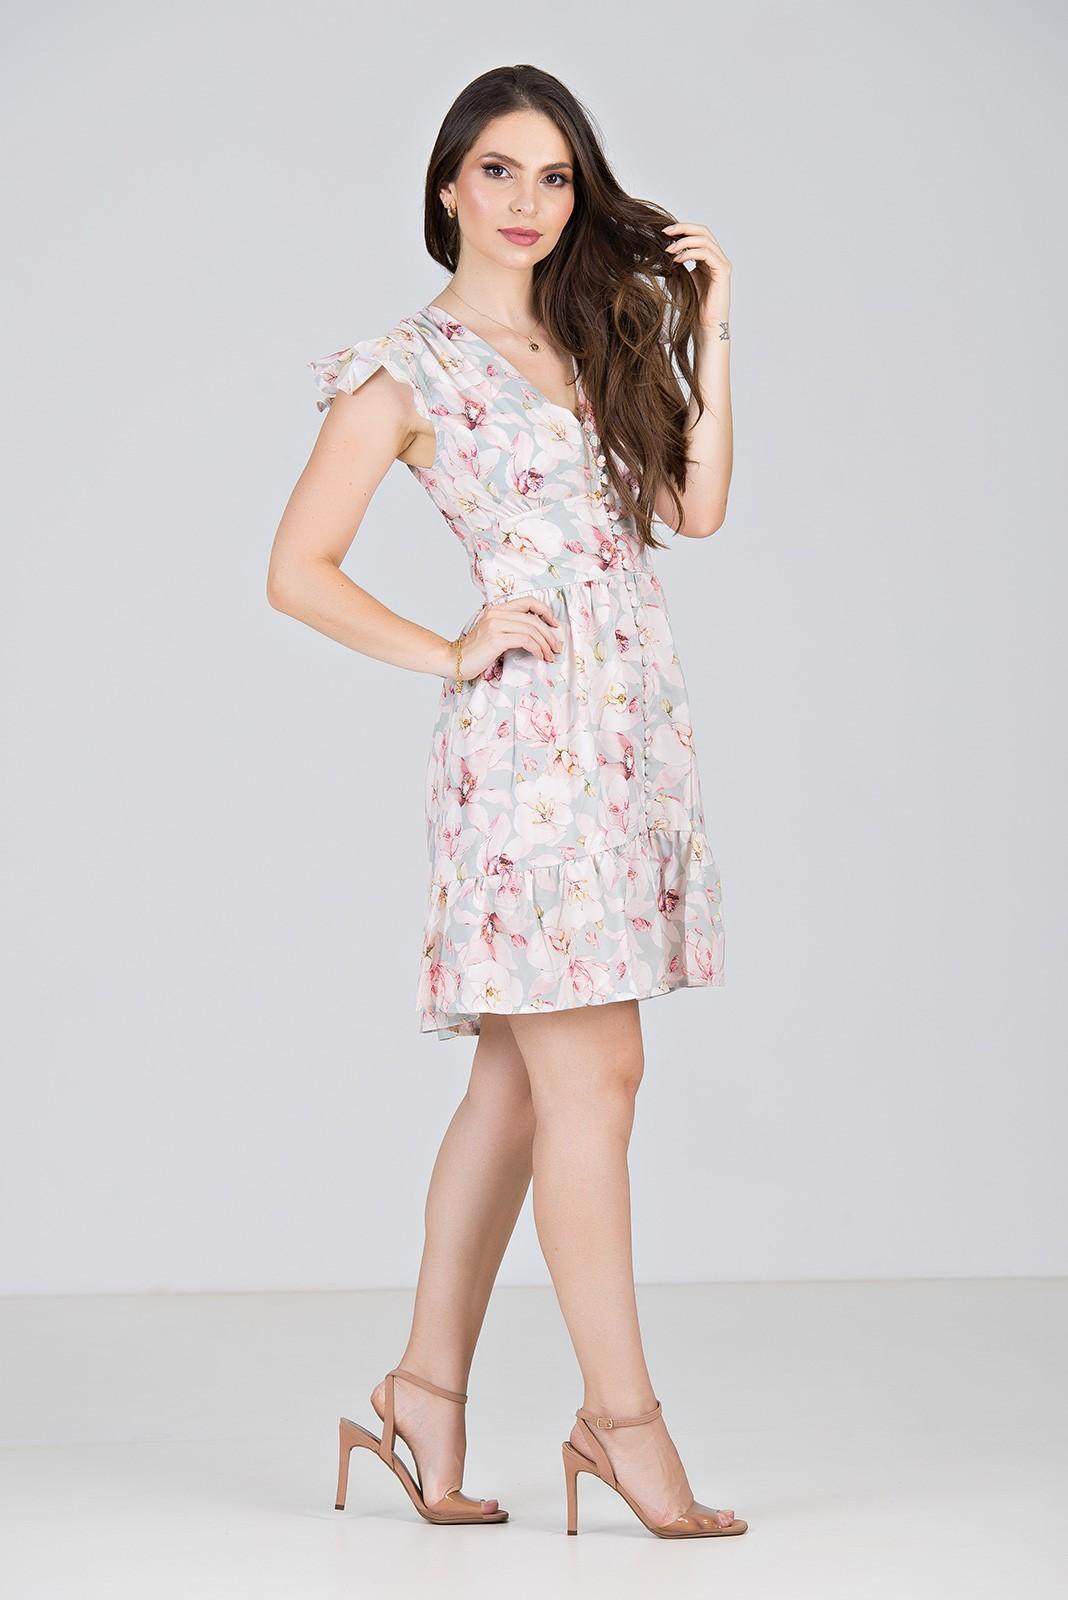 Vestido Floral Curto com Babados - Midsize